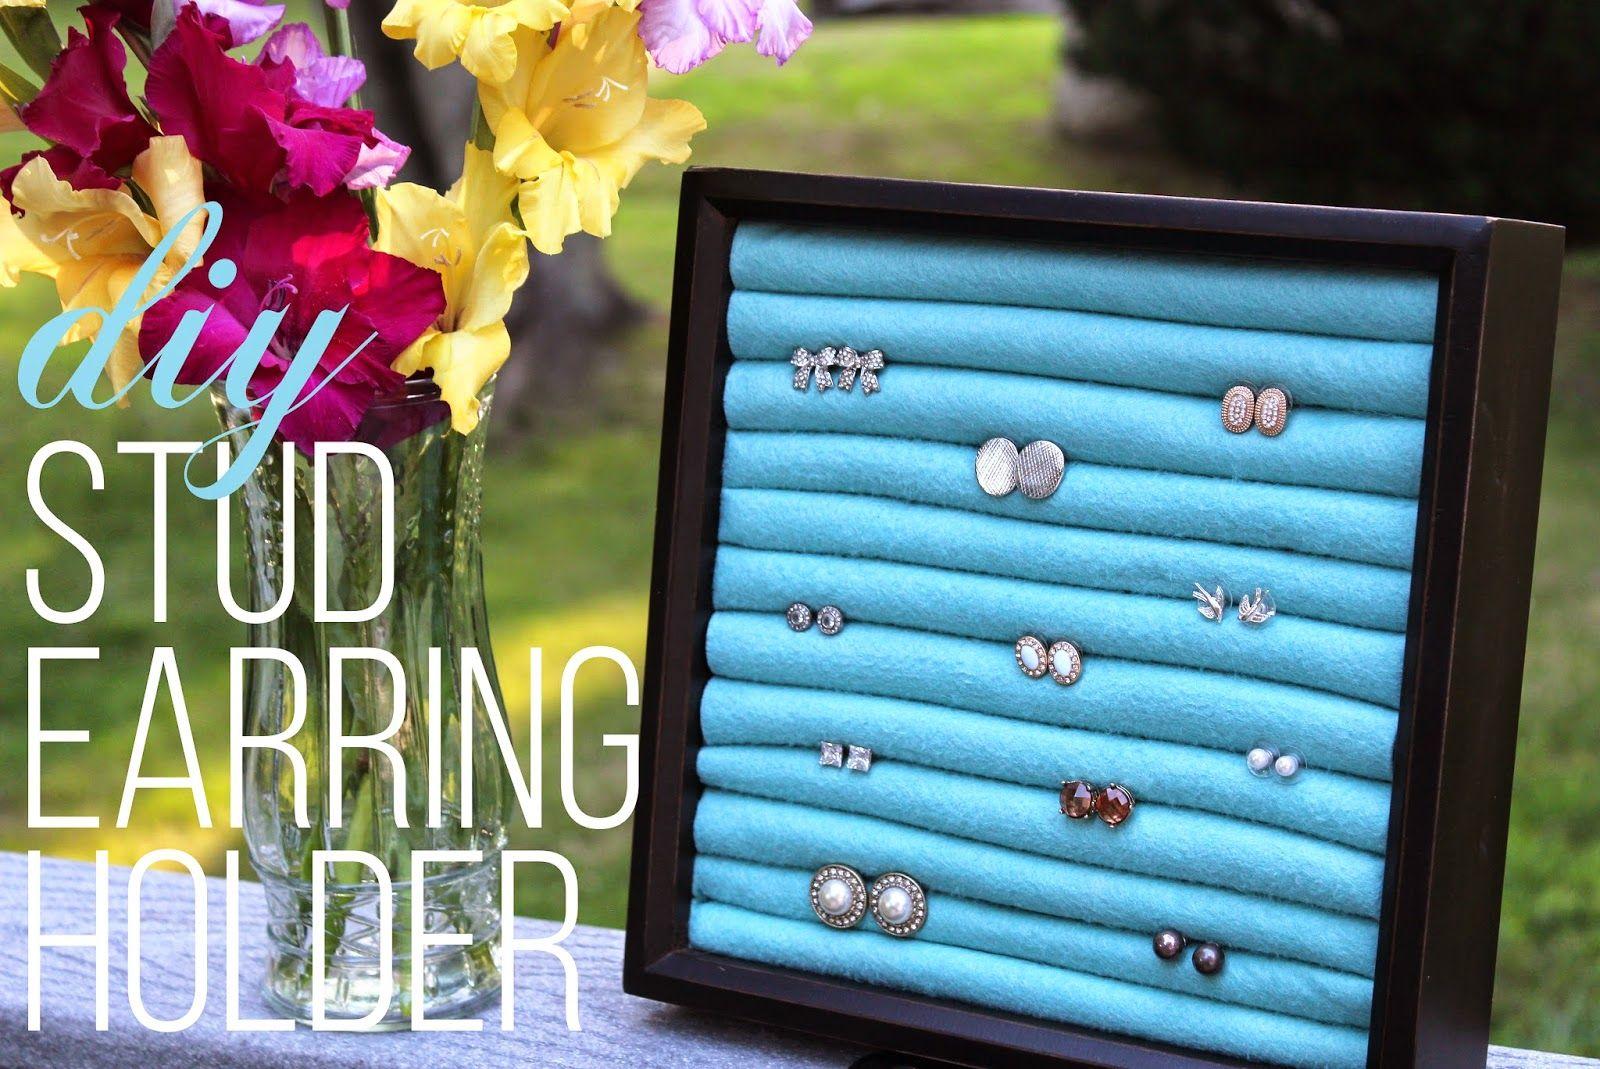 Make Grow Do Diy Stud Earring Holder Gladiolus Faux Pas Stud Earrings Holder Diy Earring Holder Earring Holder